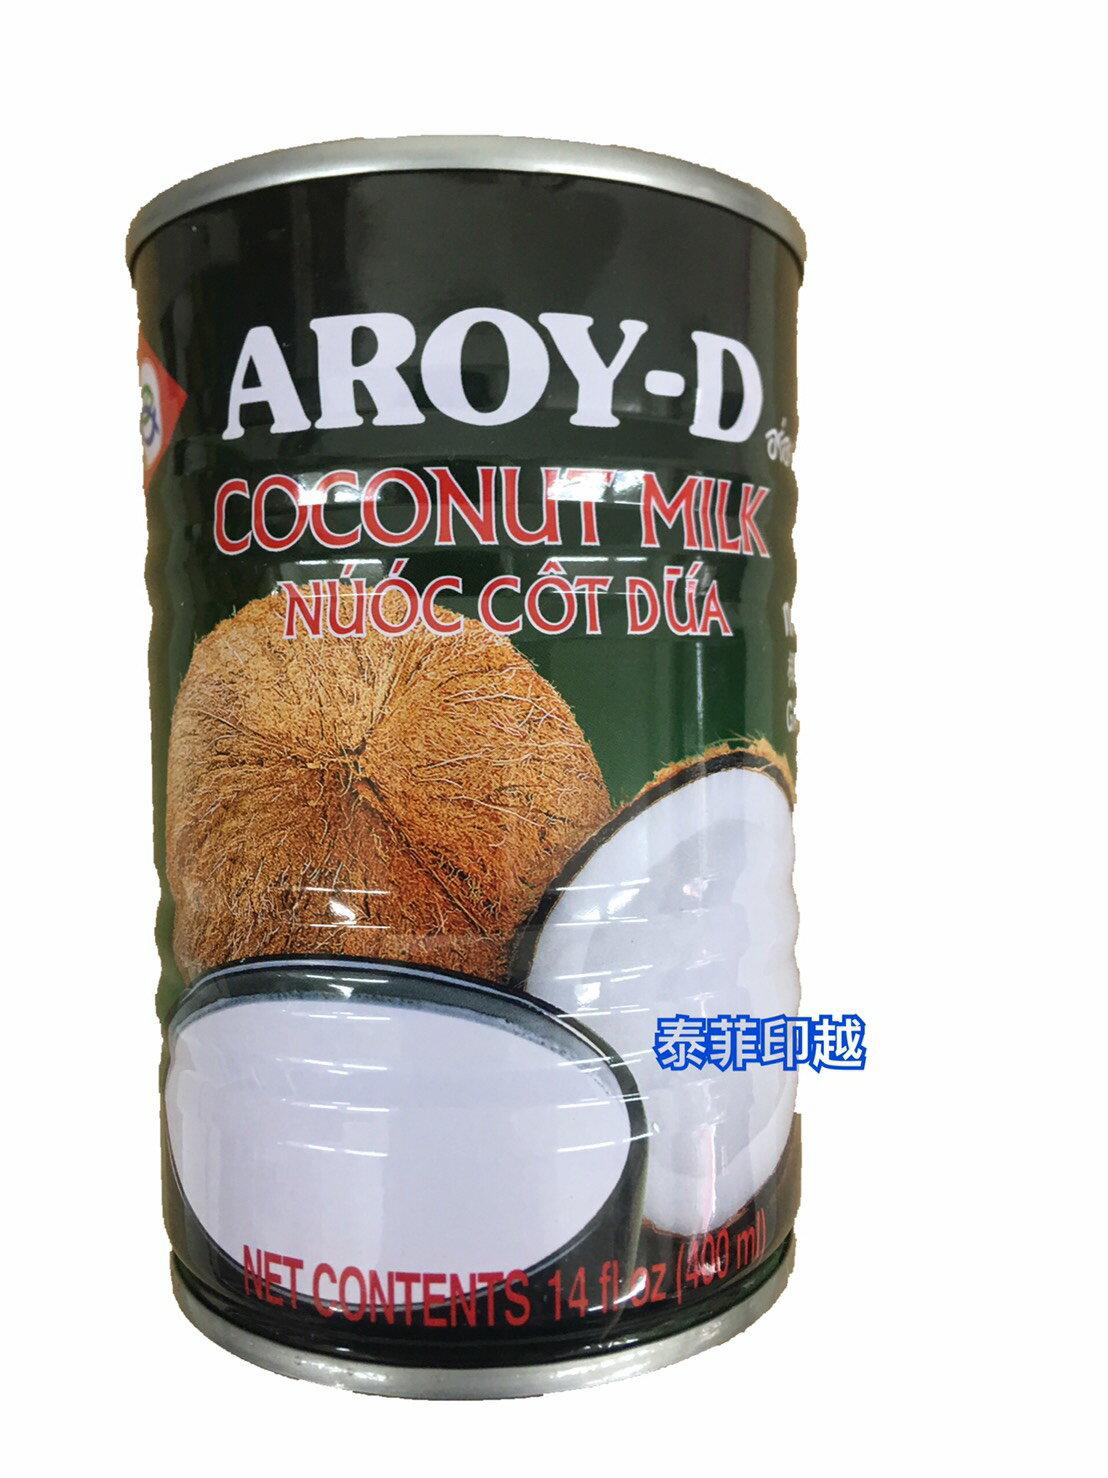 { 泰菲印越 }  A ROY-D 椰奶 椰漿  400ml 0